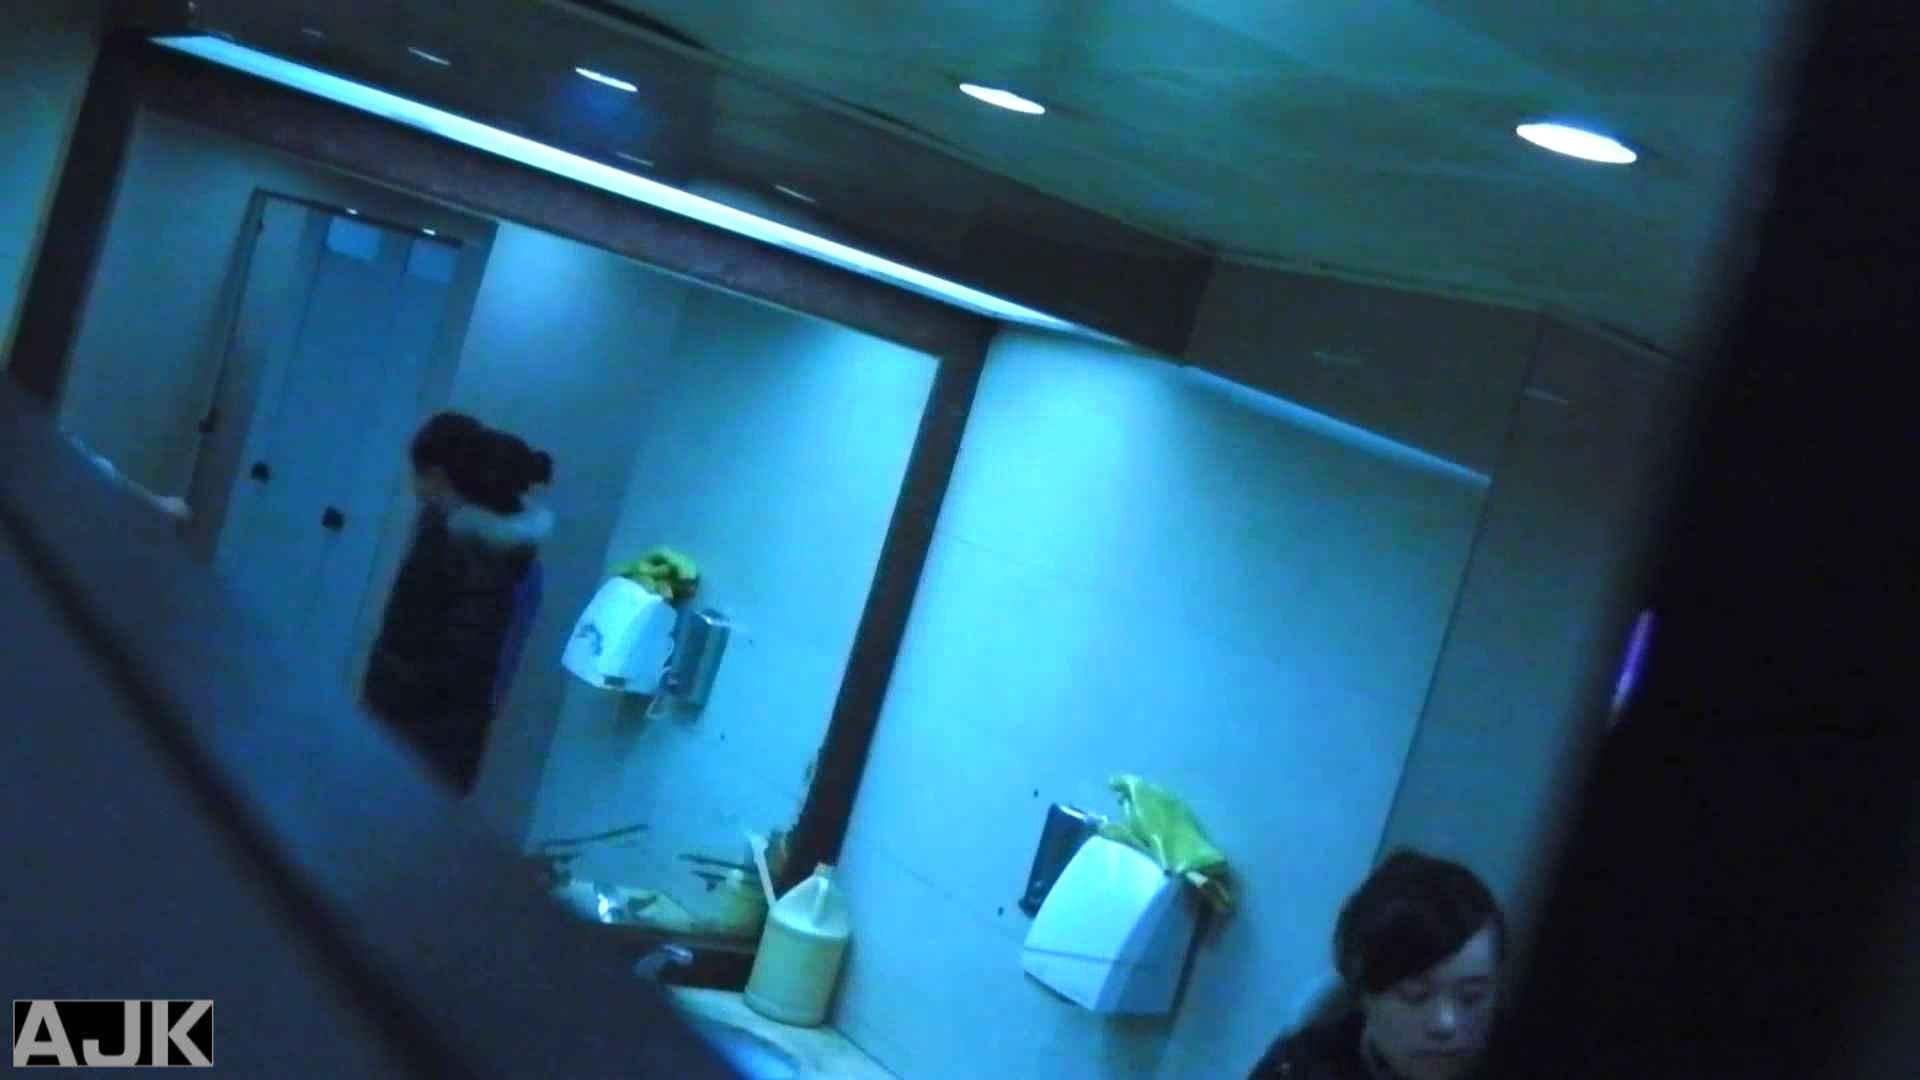 神降臨!史上最強の潜入かわや! vol.05 オマンコ 盗み撮り動画キャプチャ 92連発 82